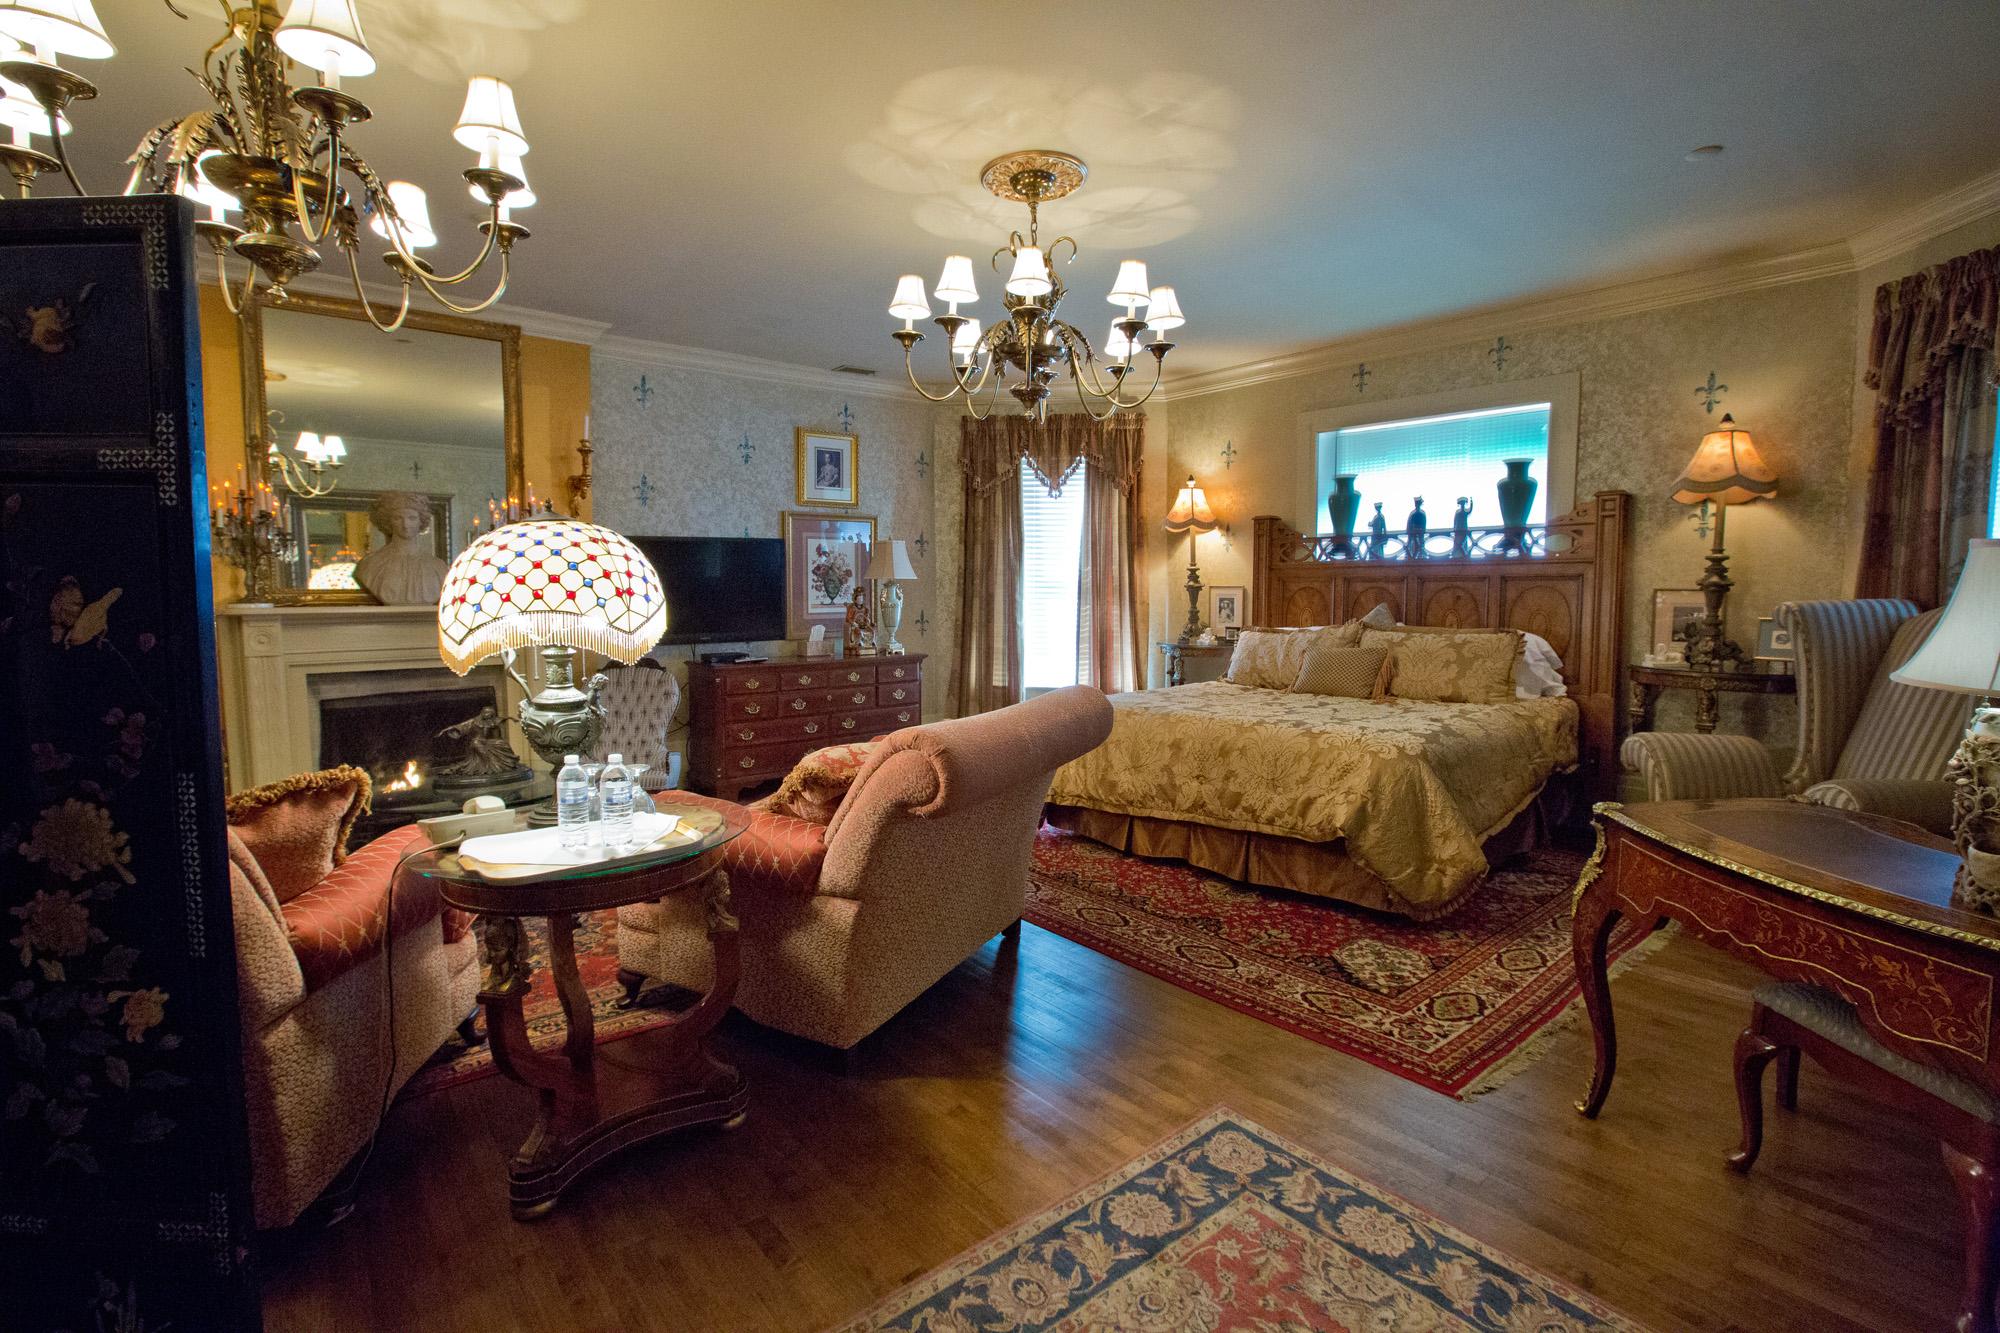 Room 5 - The Master Suite - $225 per night